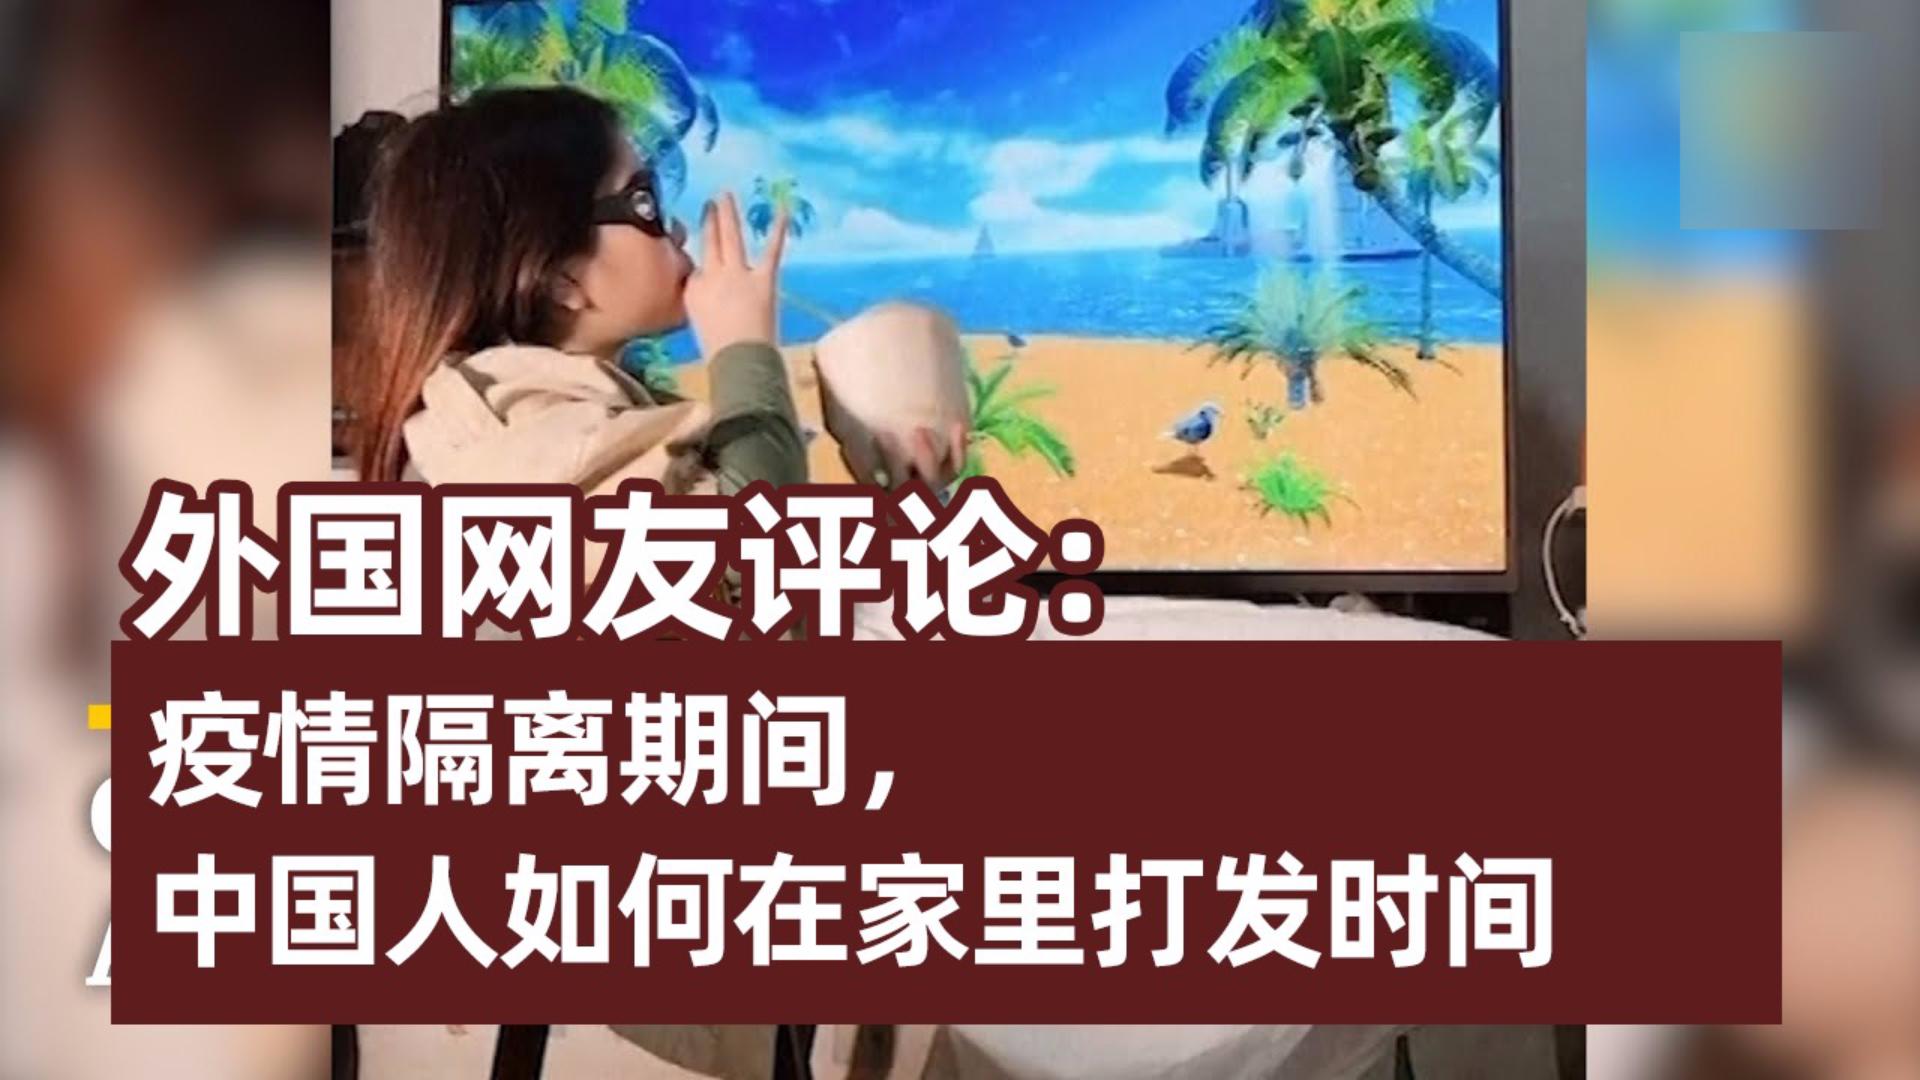 外国网友评论《隔离期间,中国人如何在家里打发时间》:太逗比了